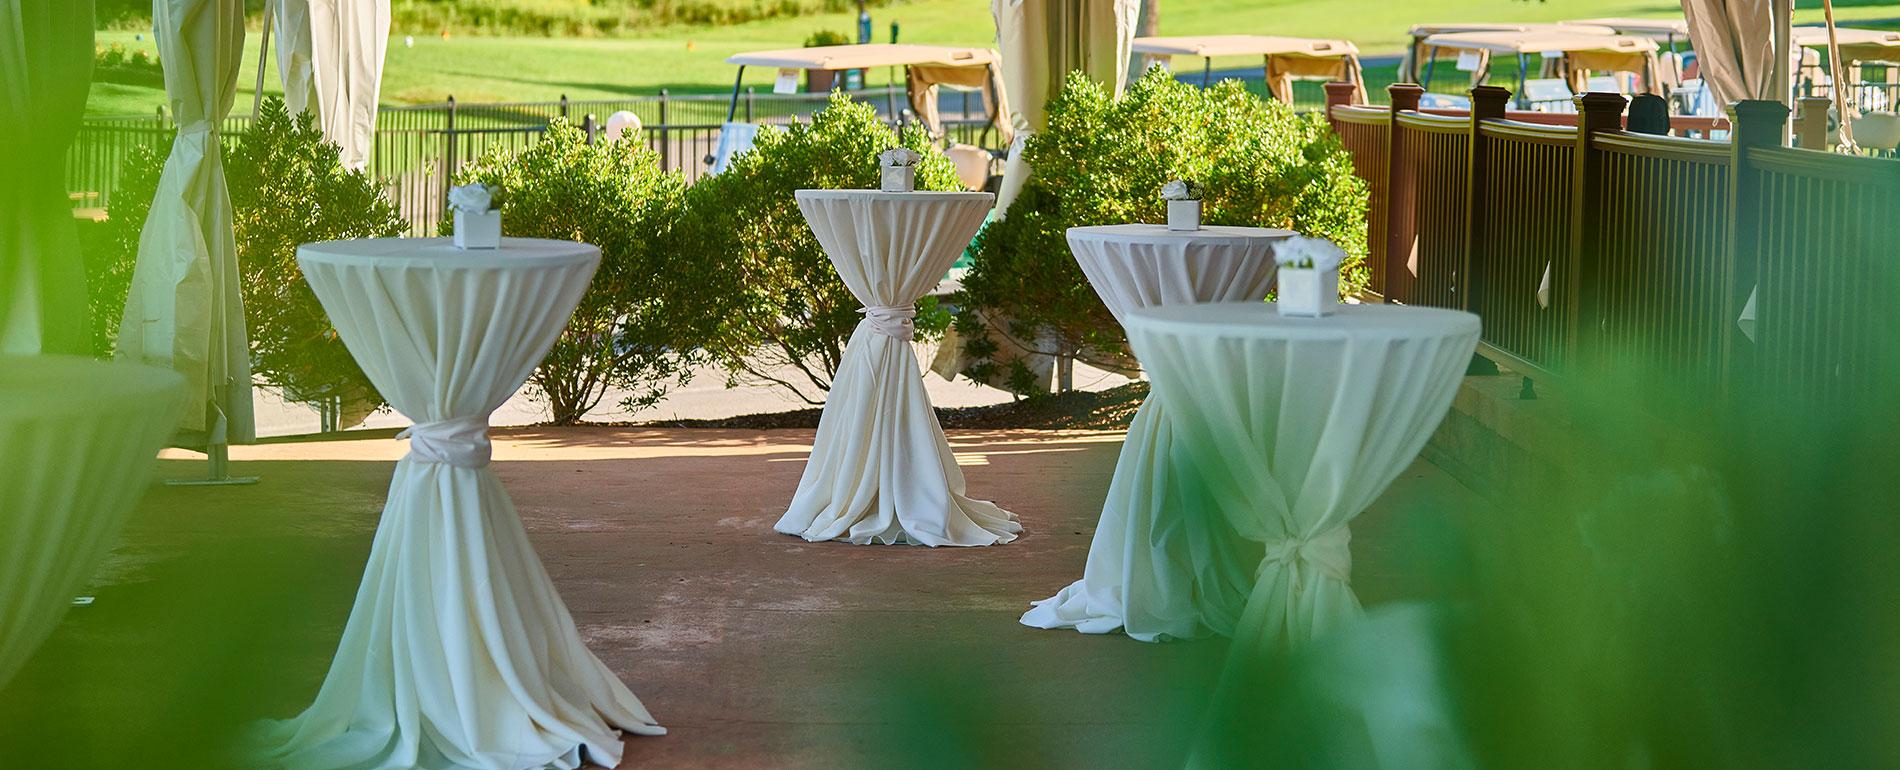 PA outdoor wedding venue